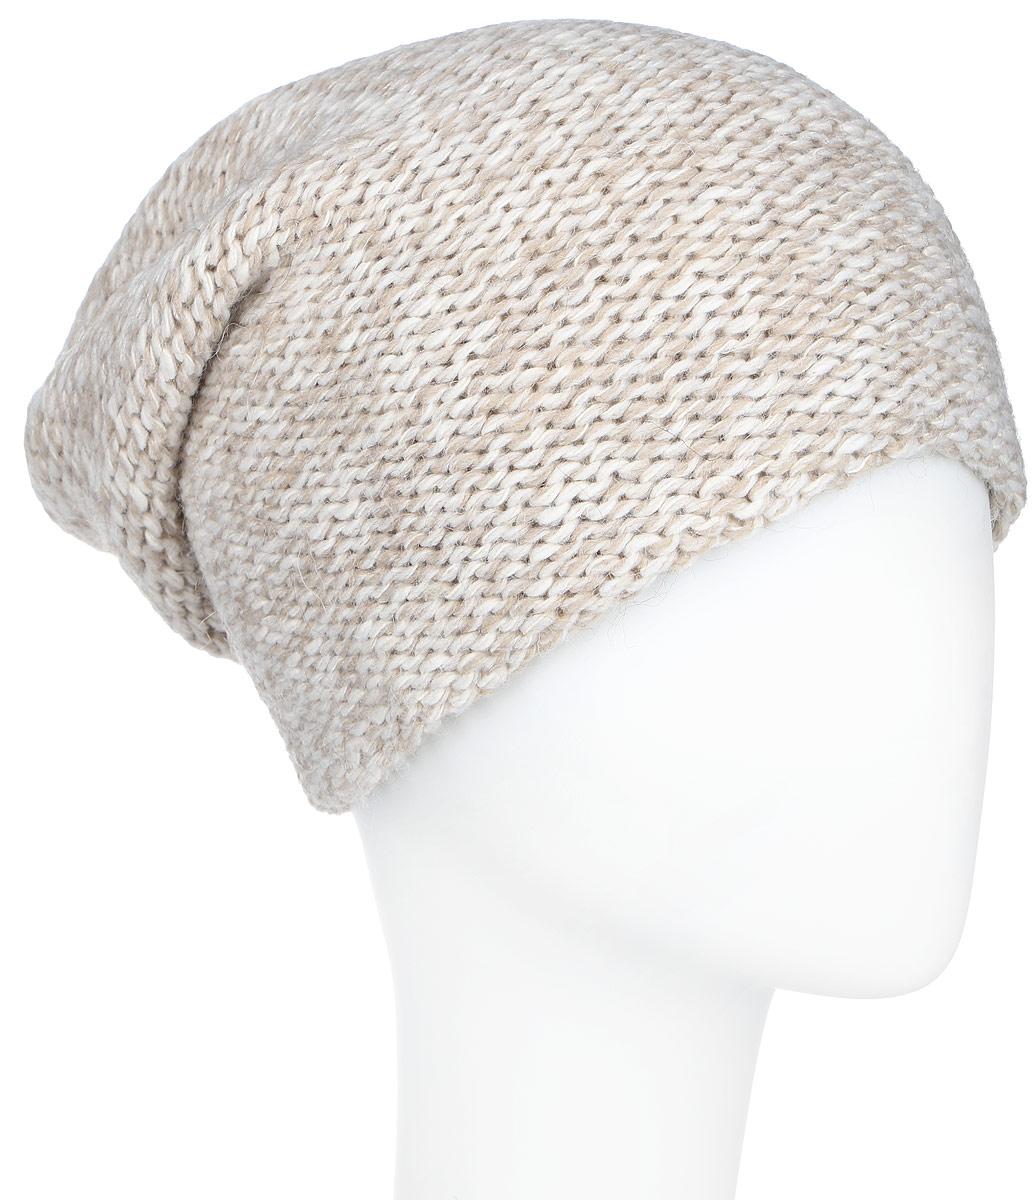 Шапка женская Finn Flare, цвет: белый, бежевый. A16-12134_201. Размер 56A16-12134_201Стильная женская шапка Finn Flare дополнит ваш наряд и не позволит вам замерзнуть в холодное время года. Шапка выполнена из высококачественной комбинированной пряжи, что позволяет ей великолепно сохранять тепло и обеспечивает высокую эластичность и удобство посадки. Модель с удлиненной макушкой оформлена металлической эмблемой с логотипом производителя. Такая шапка станет модным и стильным дополнением вашего гардероба. Она согреет вас и позволит подчеркнуть свою индивидуальность!